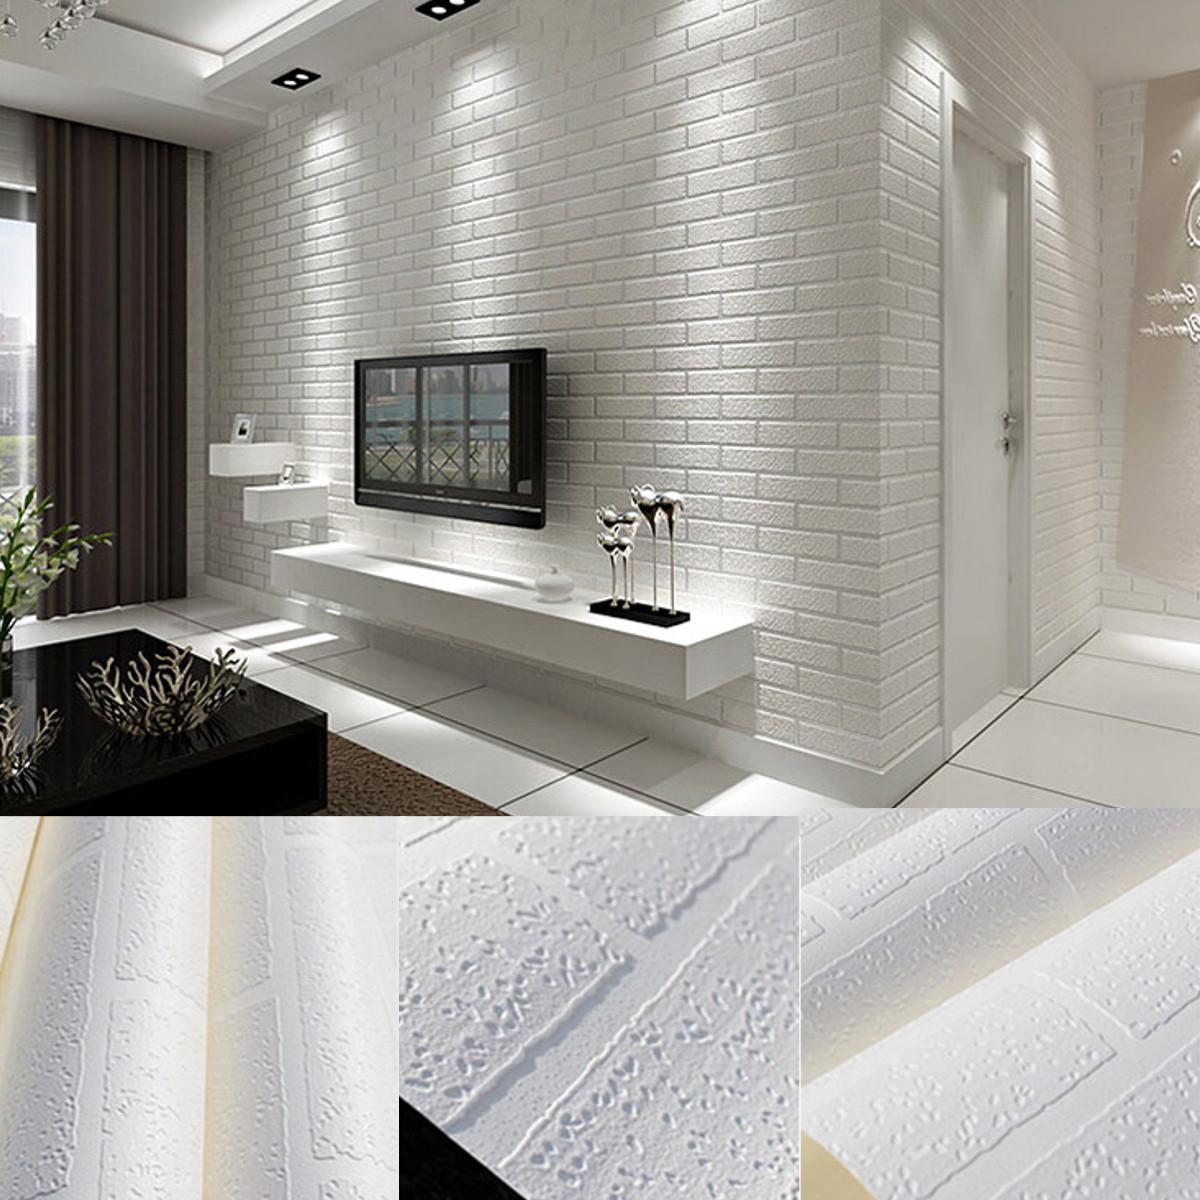 Papier peint 3d brique blanc non adh sif d coration for Decoration chambre 3d